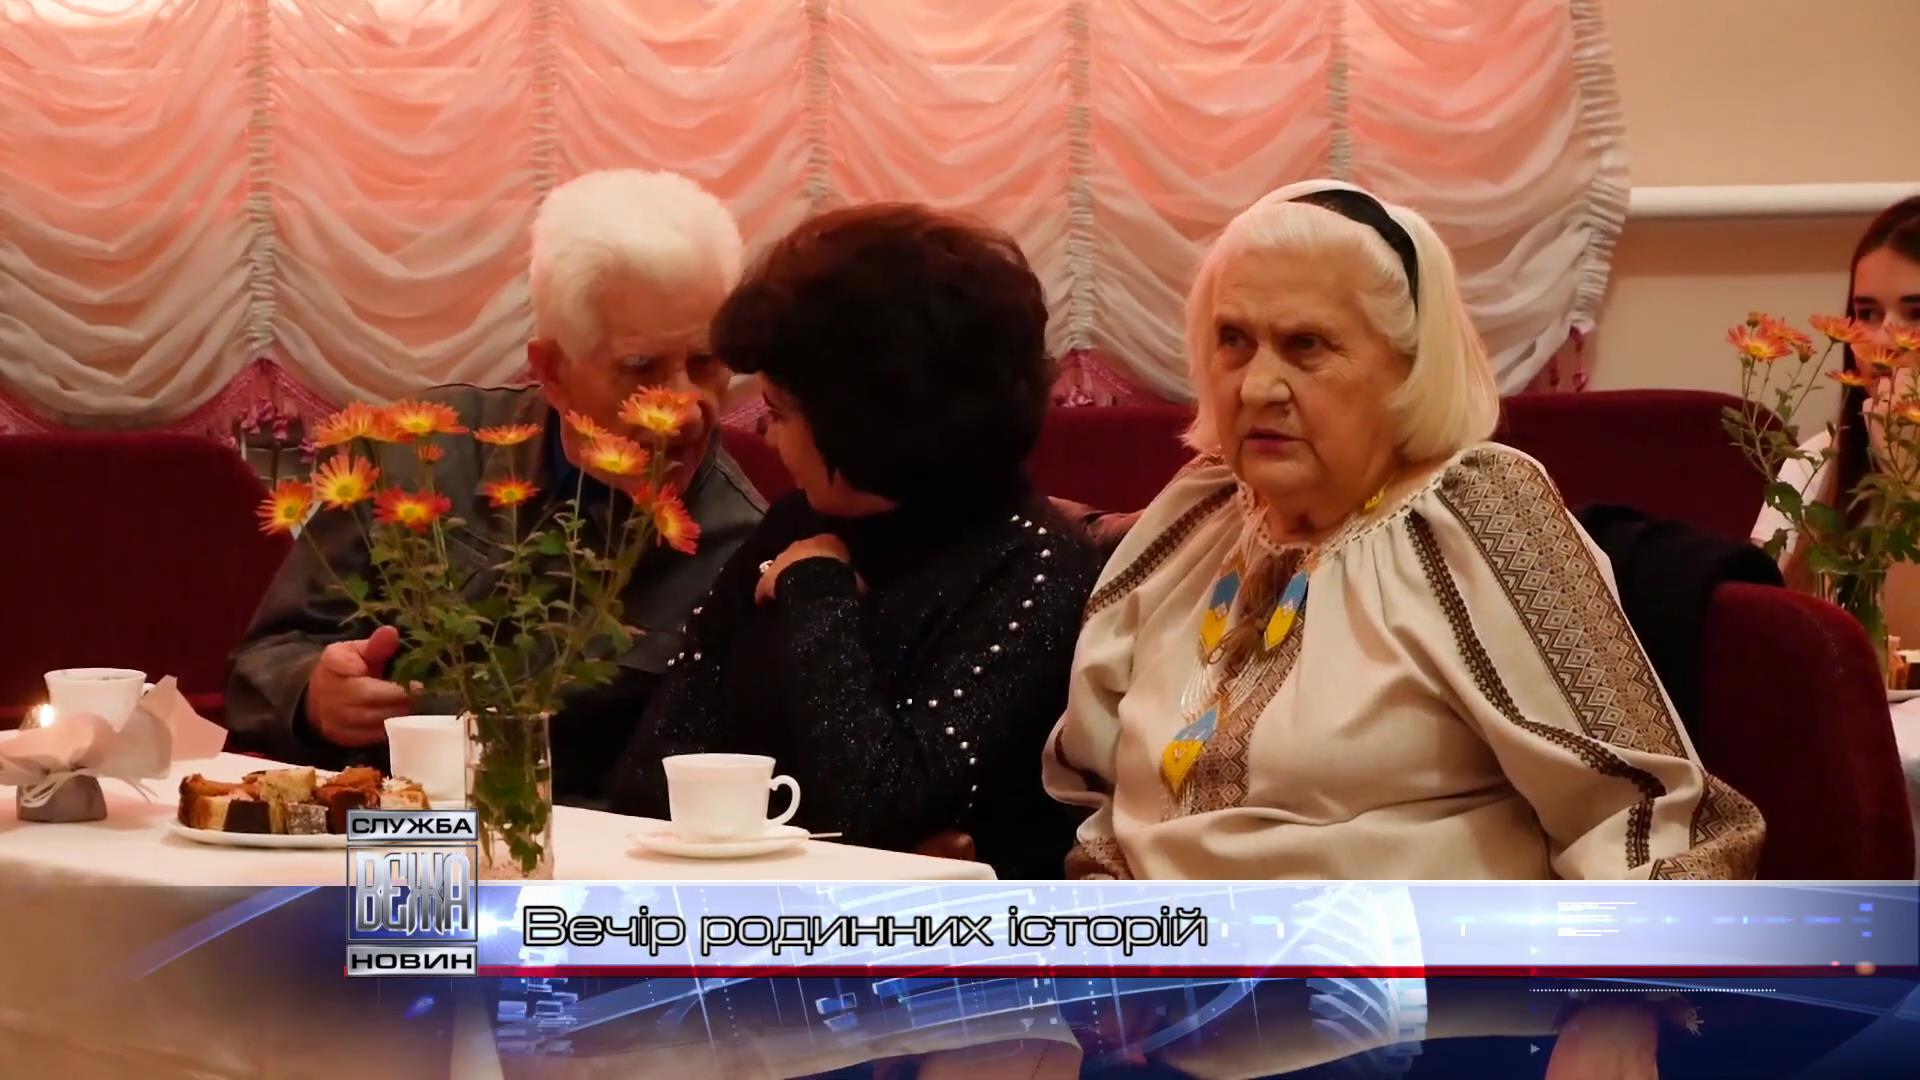 У Бурштині влаштували Вечір родинних історій[04-09-11]